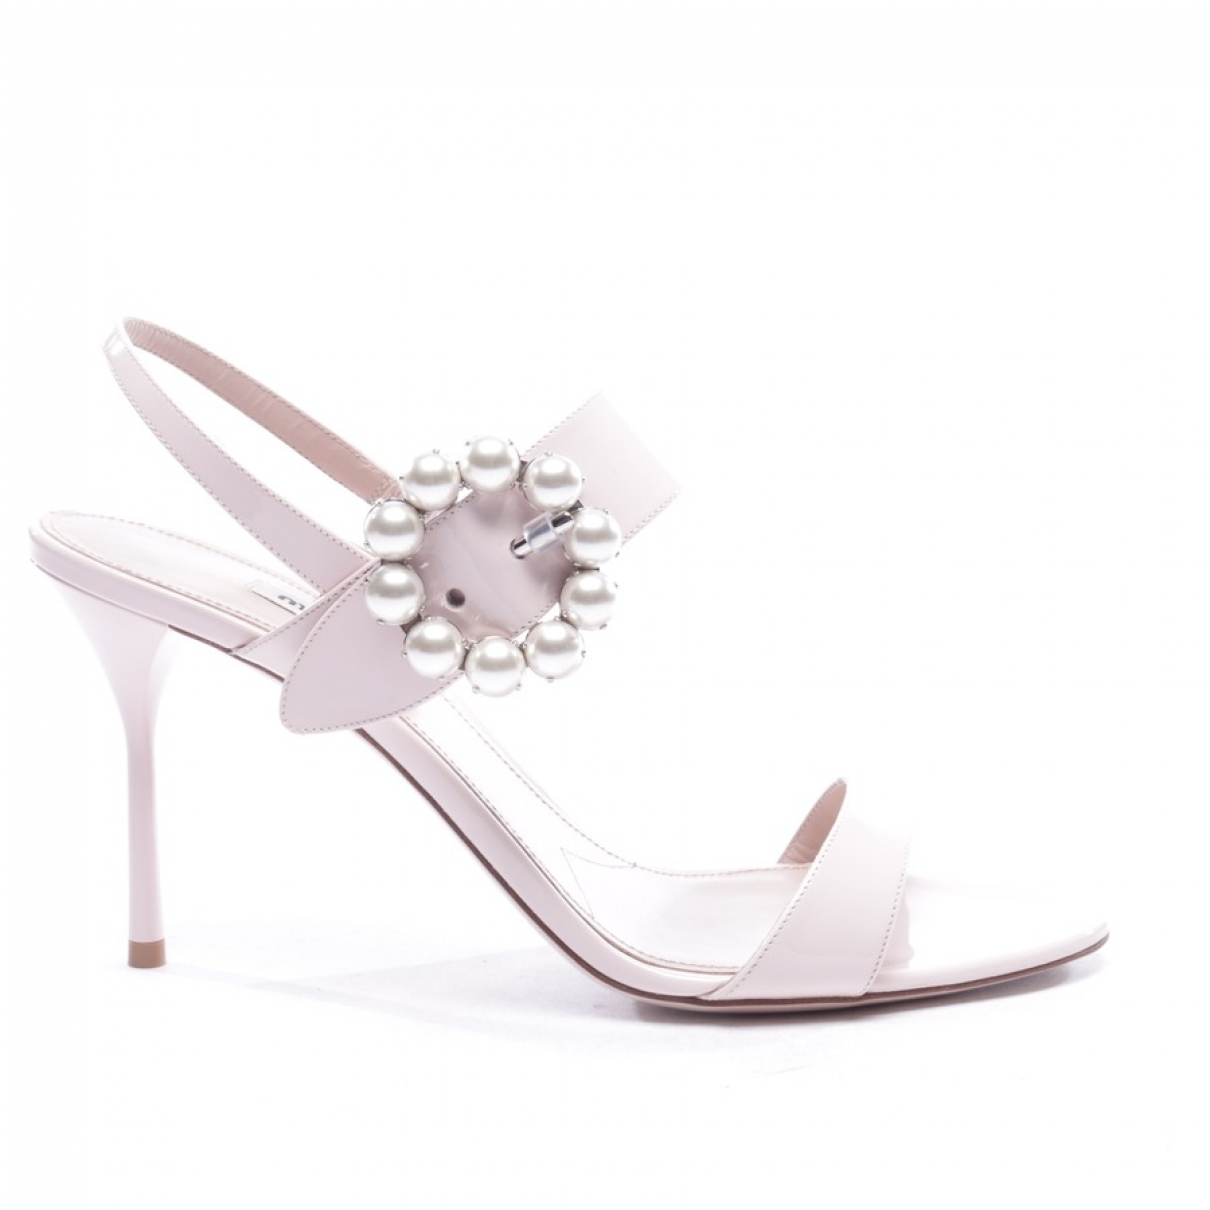 Miu Miu \N Pink Patent leather Sandals for Women 40 EU